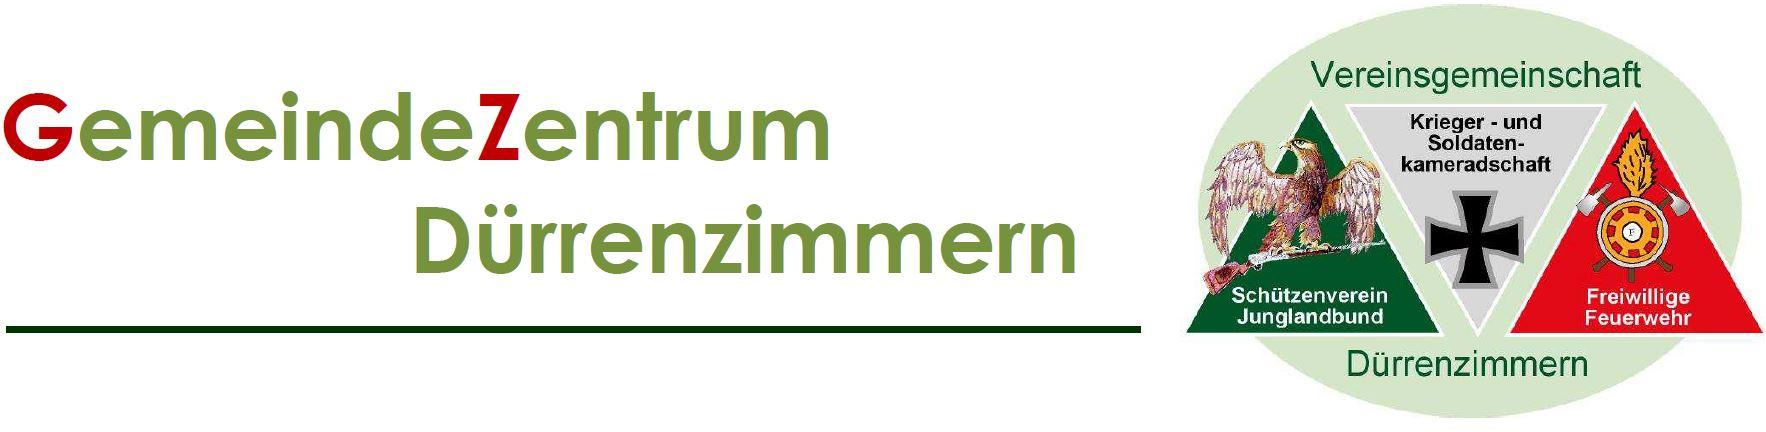 Gemeindezentrum Dürrenzimmern